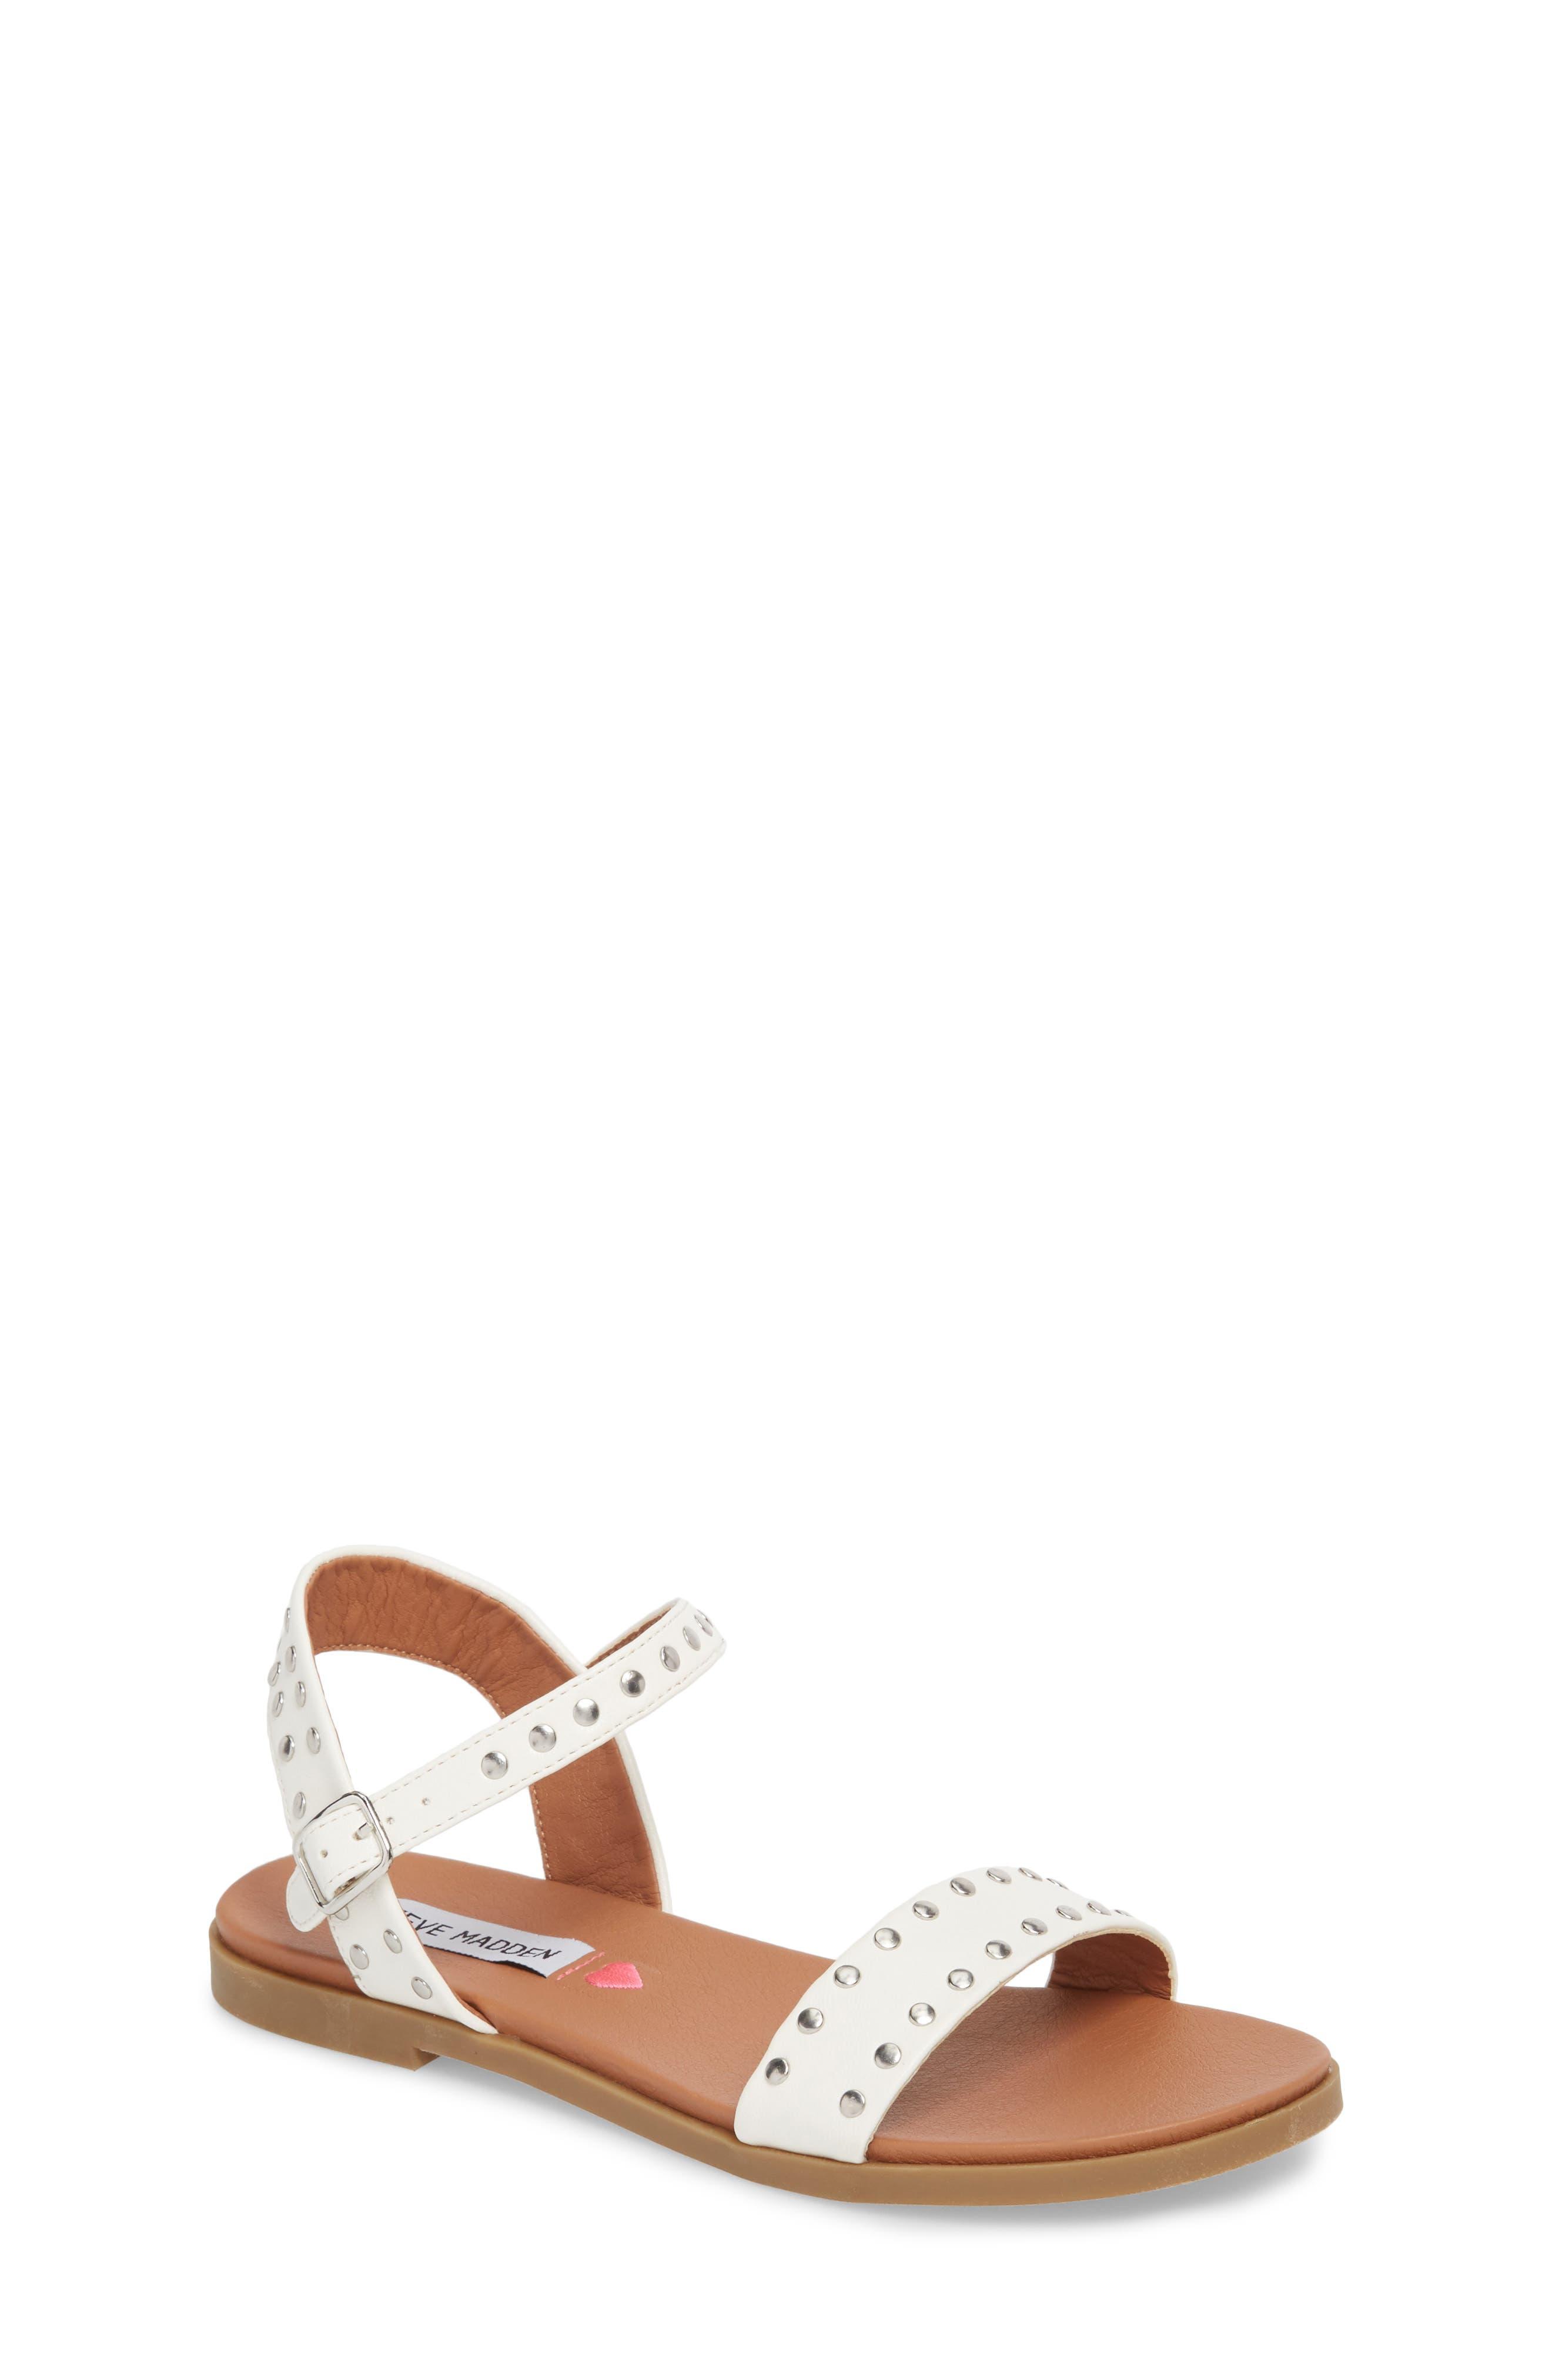 STEVE MADDEN JDONDI Studded Sandal, Main, color, 100